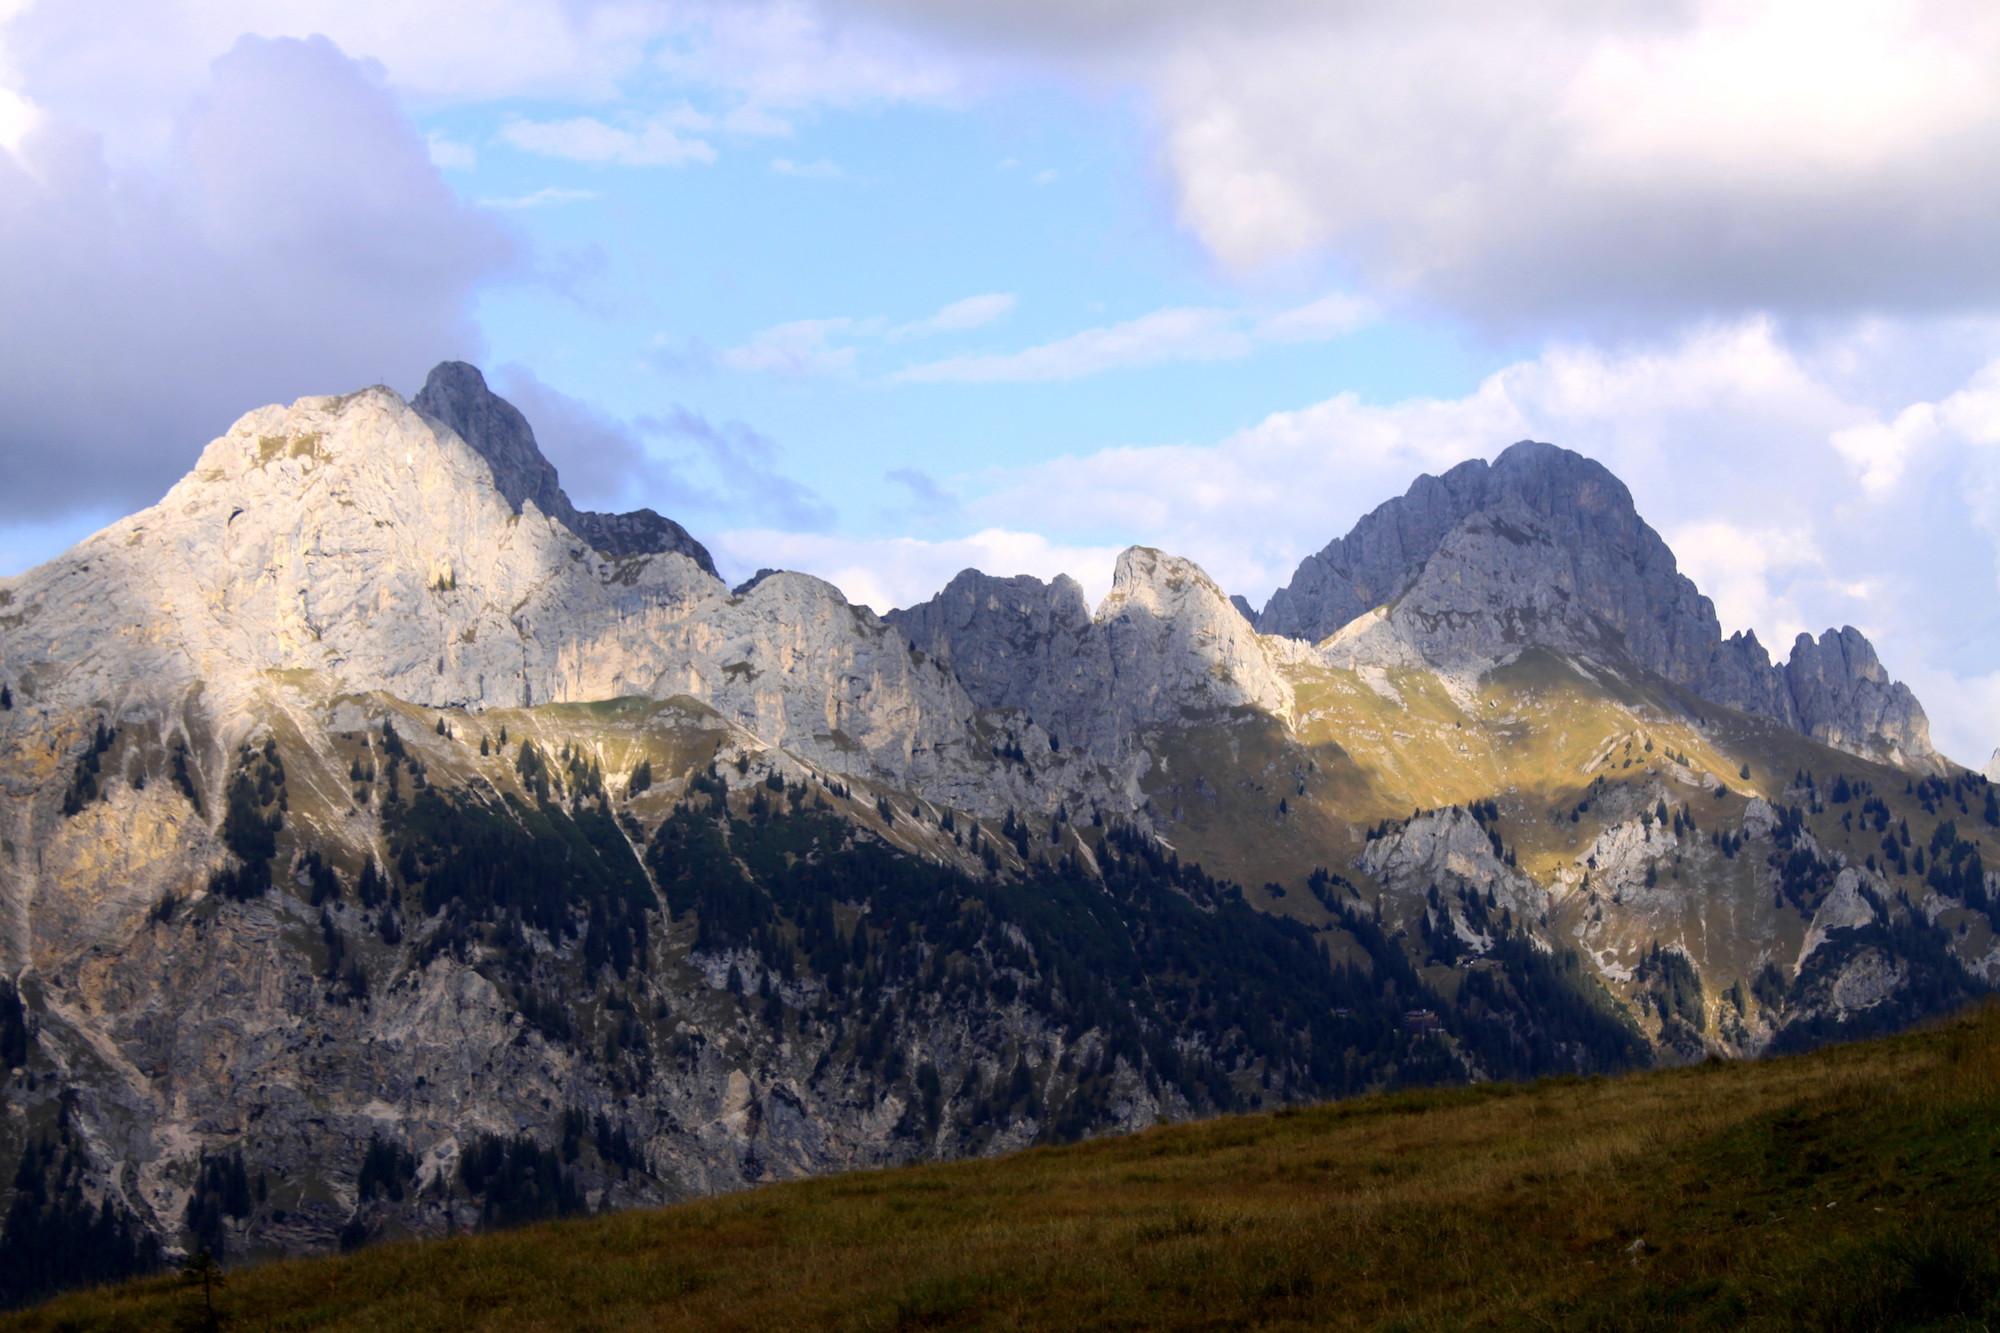 Krinnenspitze